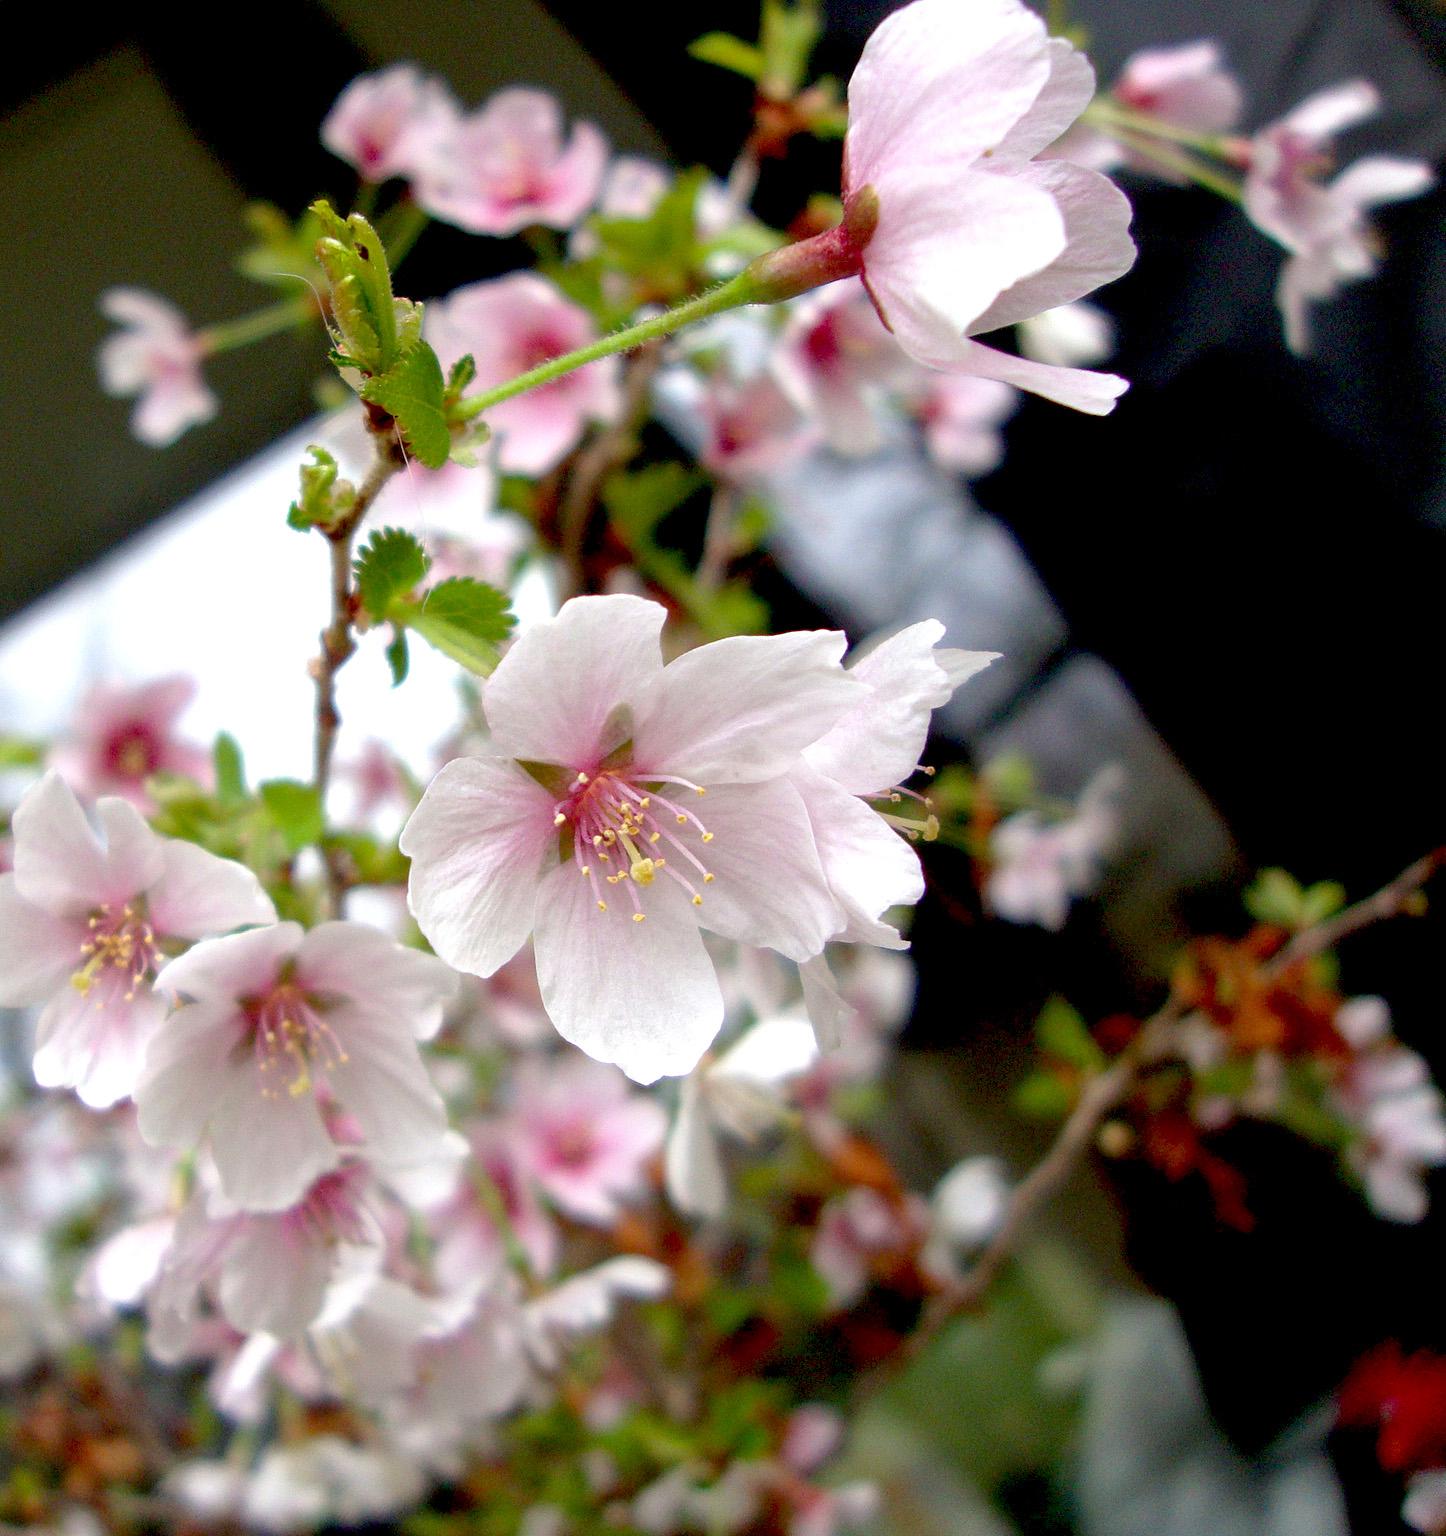 花の香を  盗みて走る  嵐かな Hana no ka wo Nusumite hashiru Arashi kana  Volant le parfum des fleurs de cerisier, le vent s'en va  Sokan